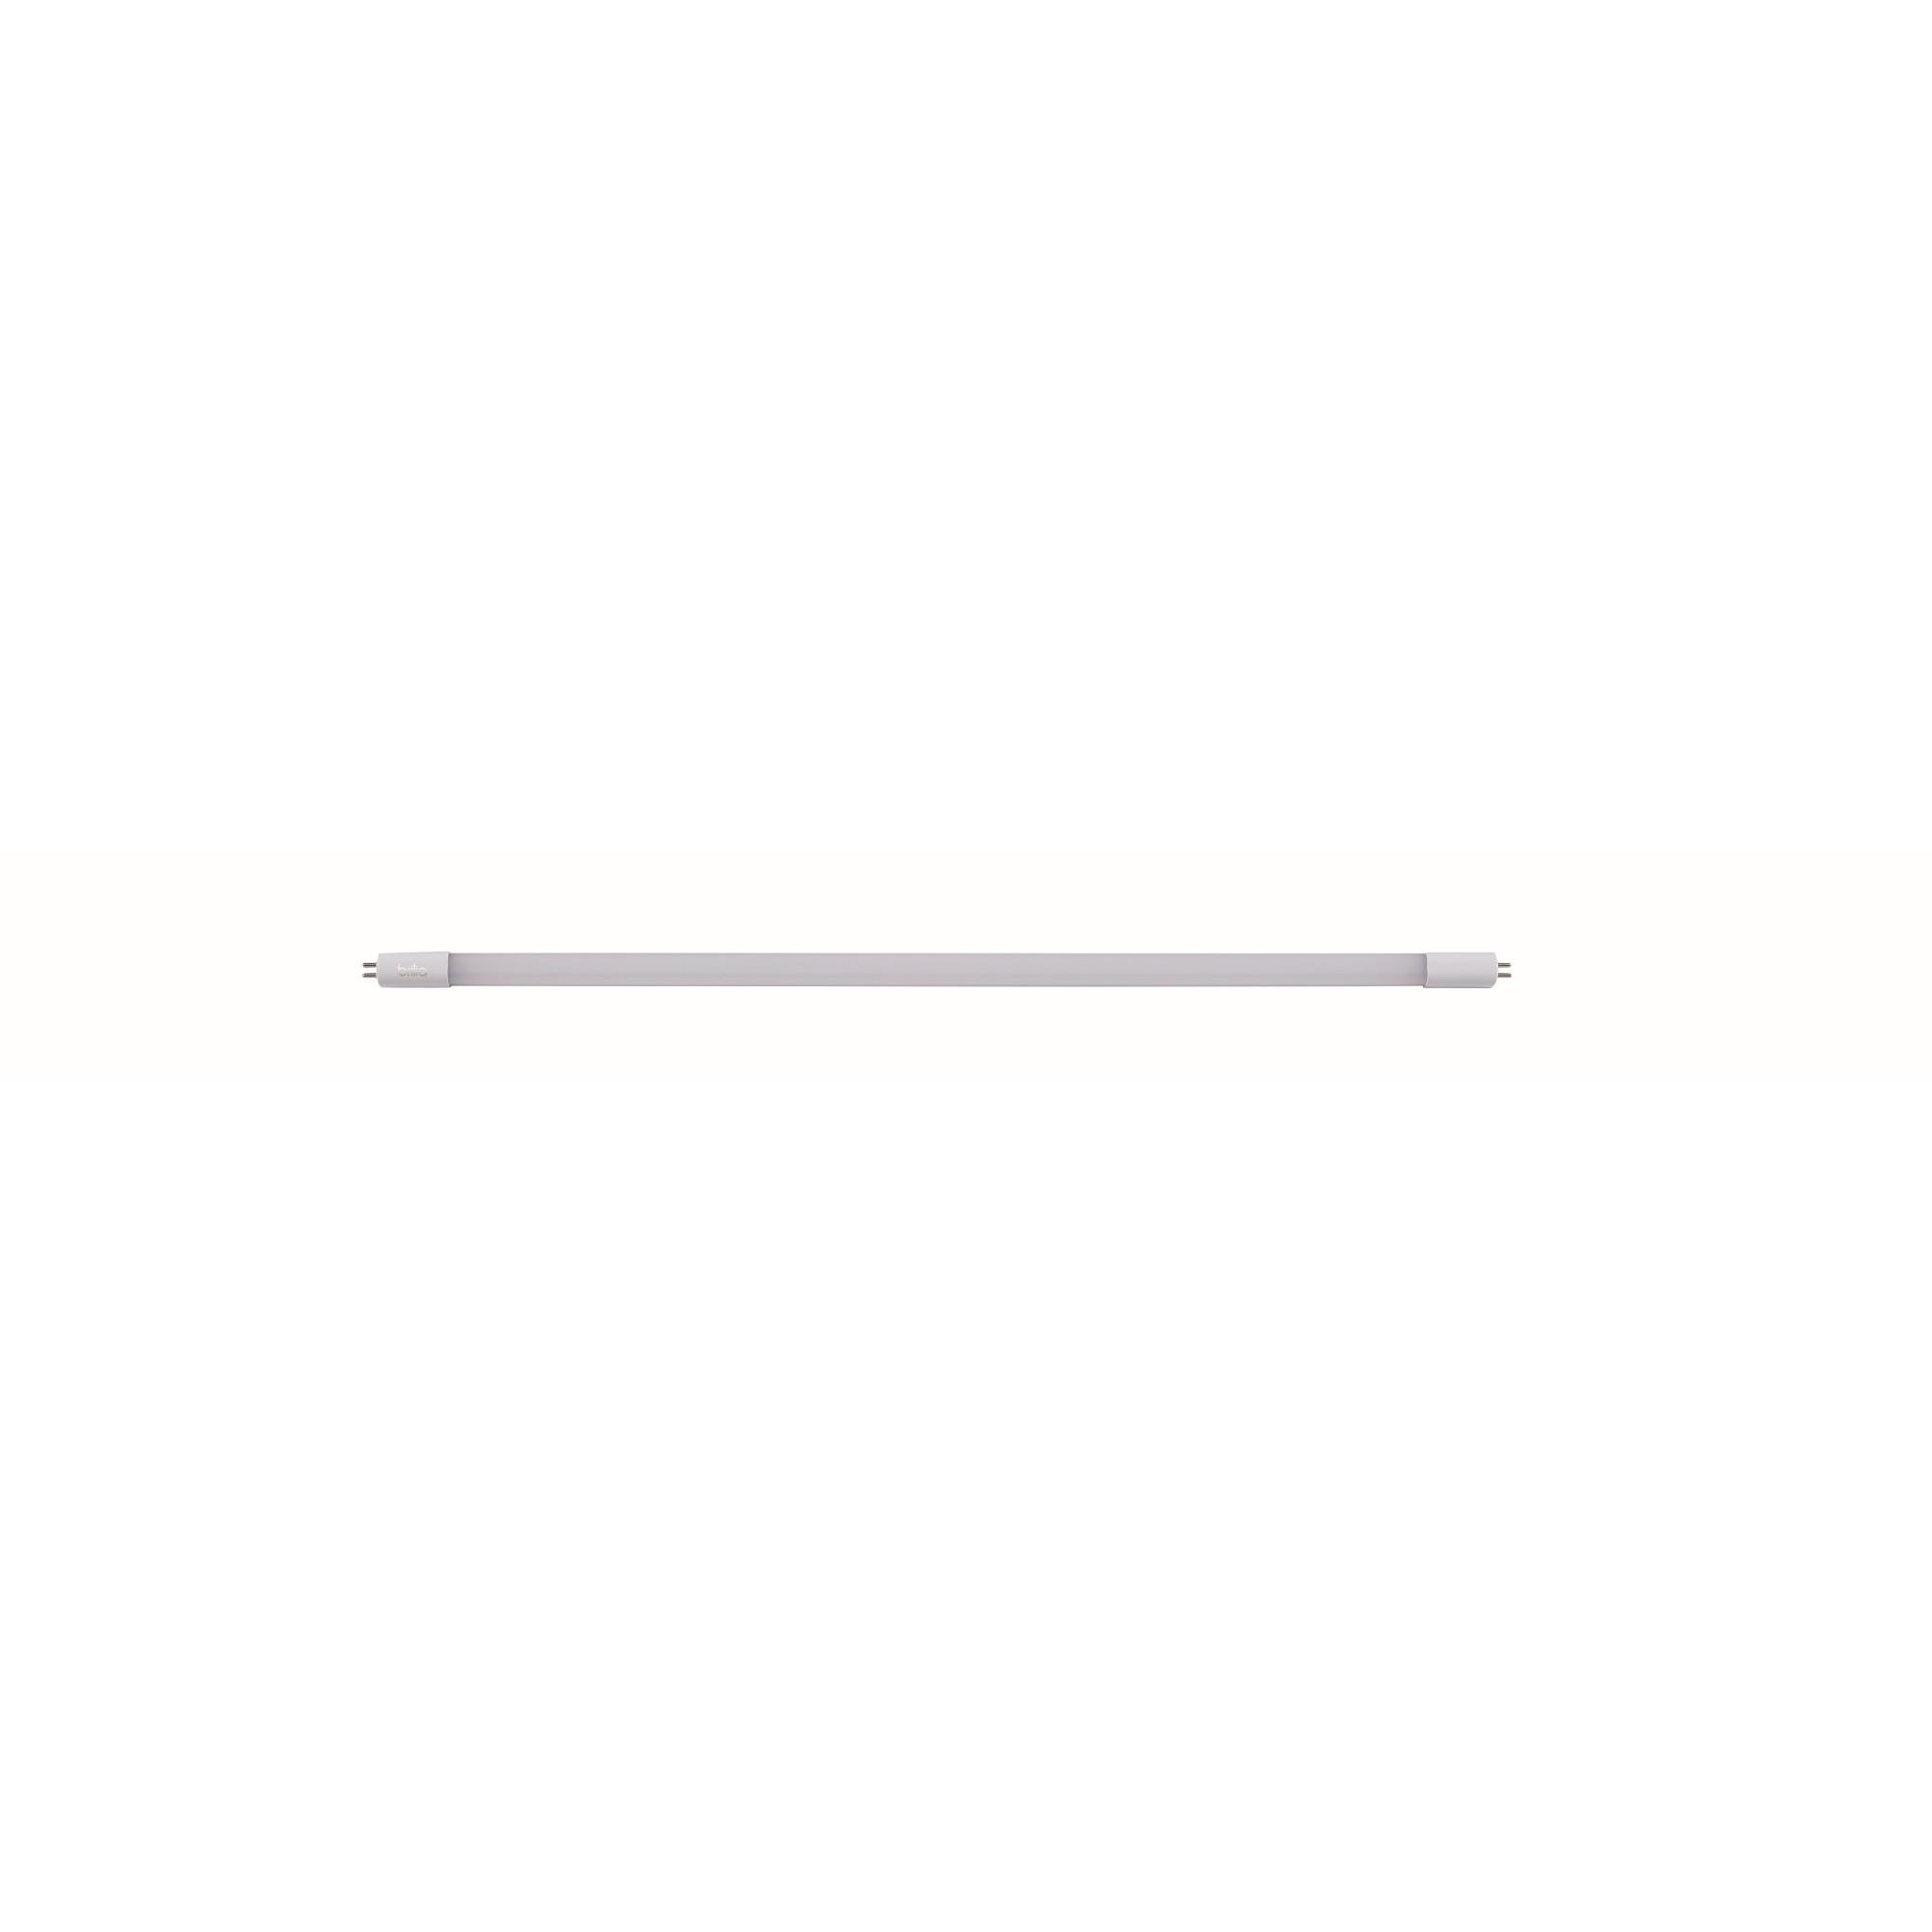 Lampada LED Tubular 9w G5 Luz Bivolt Branco - Brilia